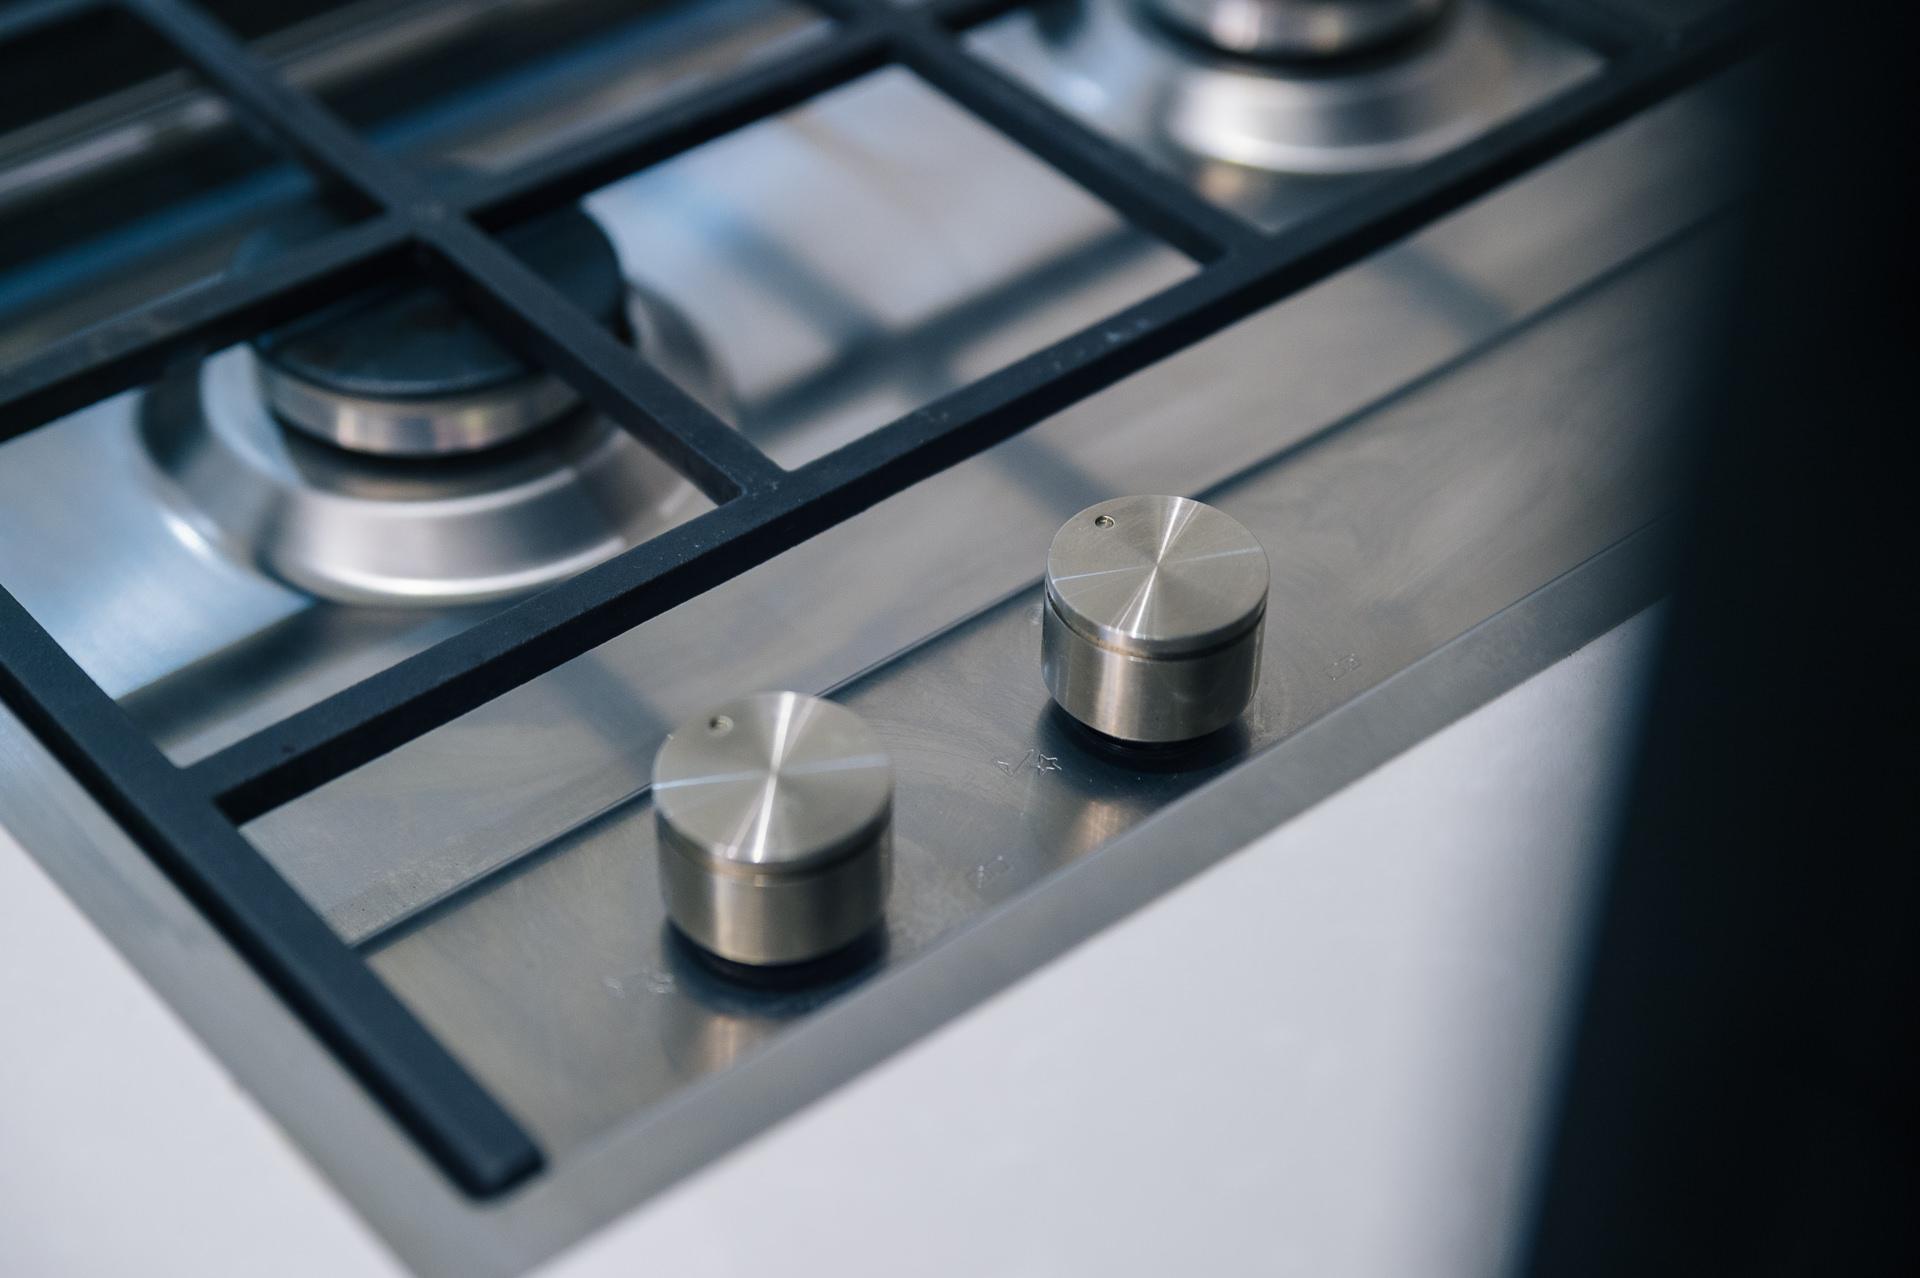 kitchen hob dials